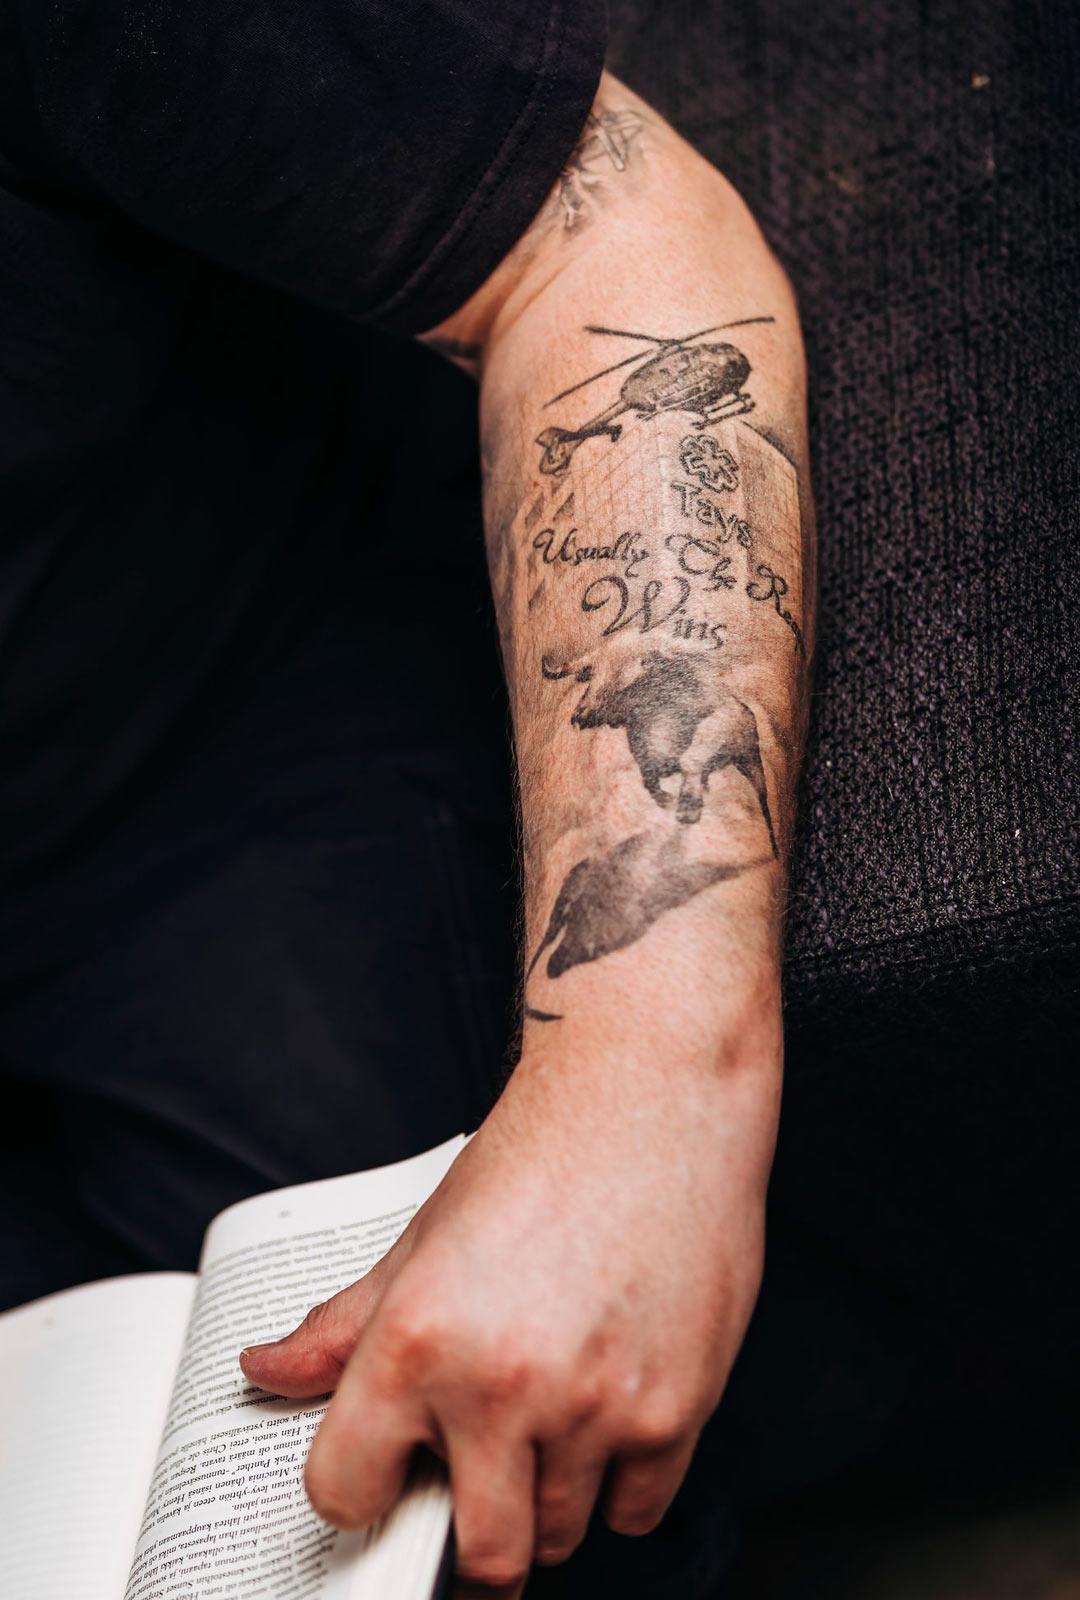 """""""Iholleni on tatuoitu sairaalarakennus, pelastuskopteri, sonni ja sana Tays. Haluan käsivarren tatuoinnilla kiittää minua hoitaneita. Ilman heitä en olisi tässä"""", Rauno Schulz kertoo."""